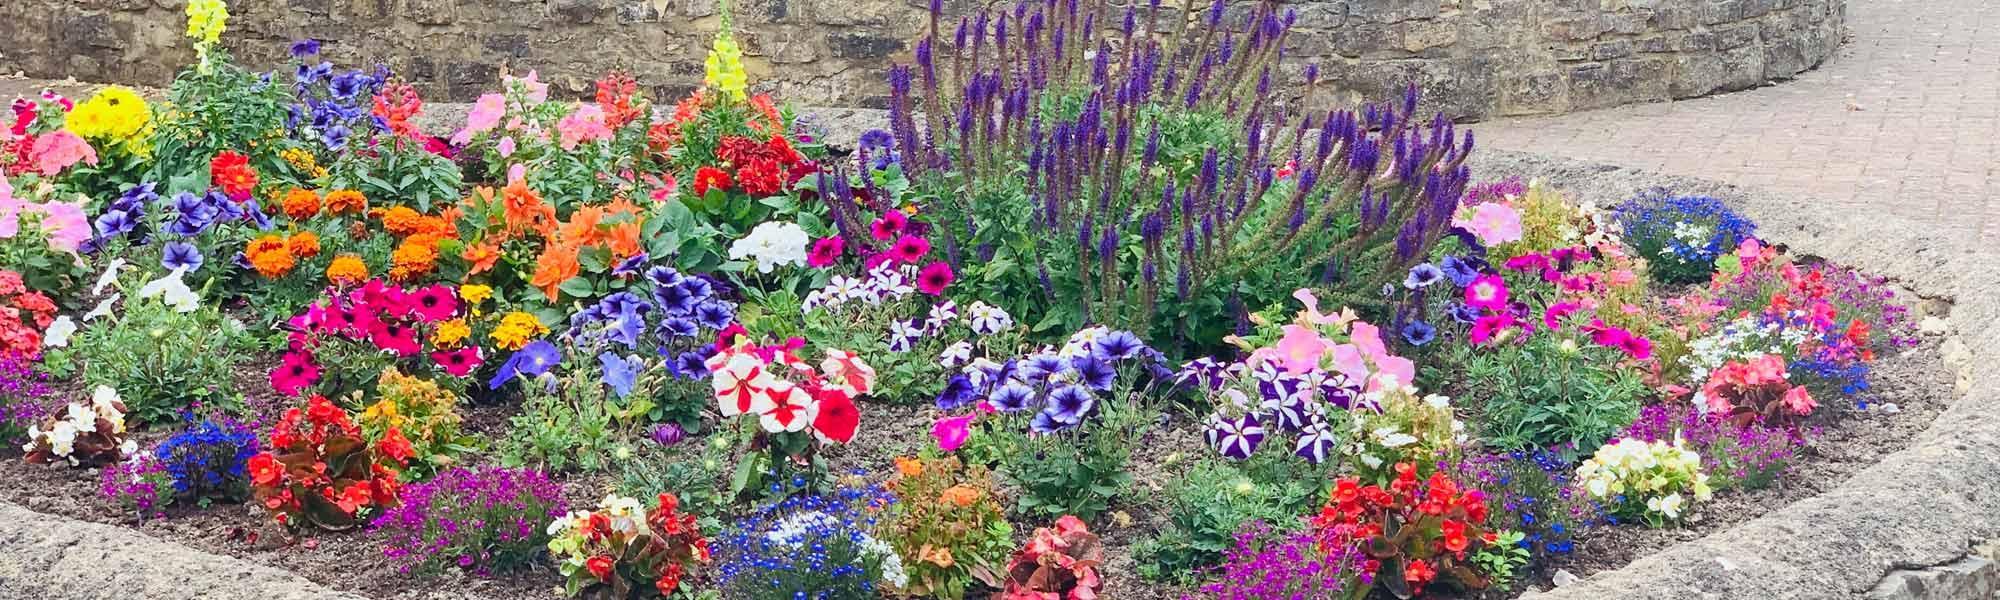 Hempton Field lovely gardens